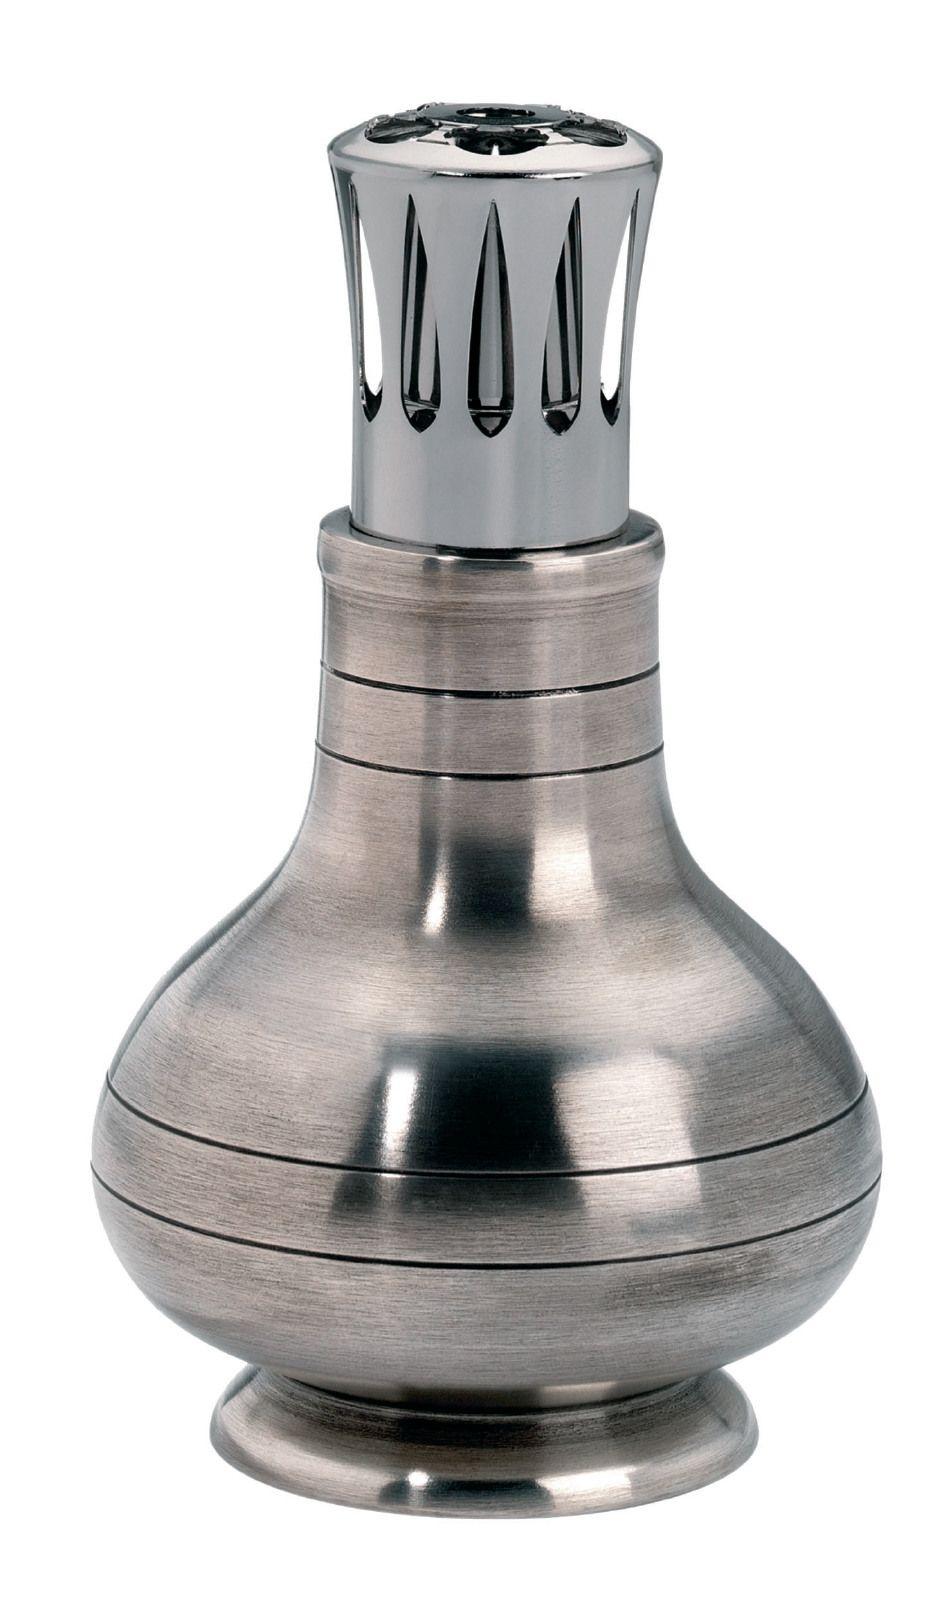 Etain Lampe Berger Modern Decor Lamp Pewter